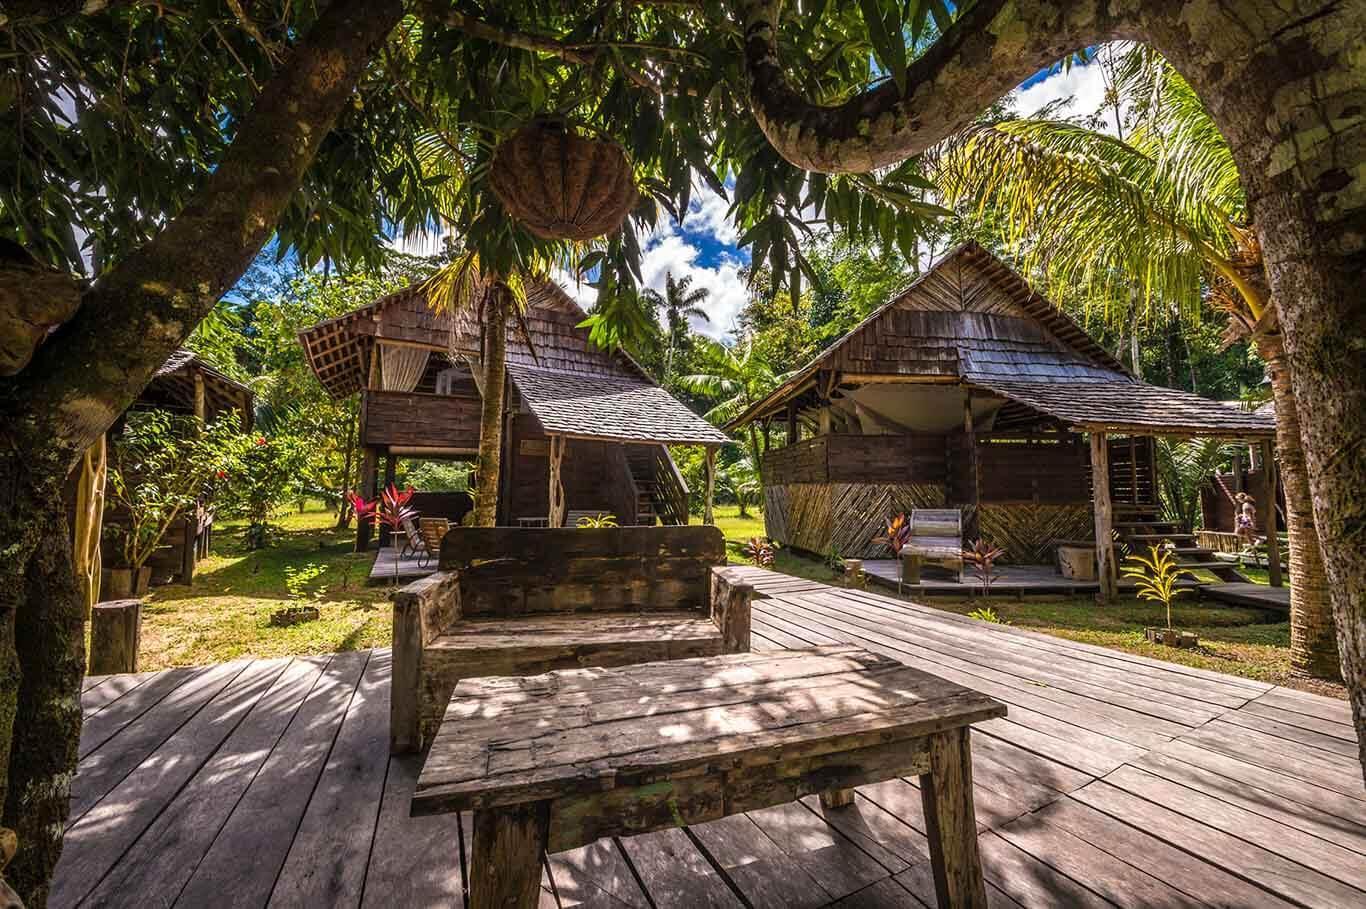 Le Wapa Lodge au milieu de la forêt amazonienne © Aurélien Brusini